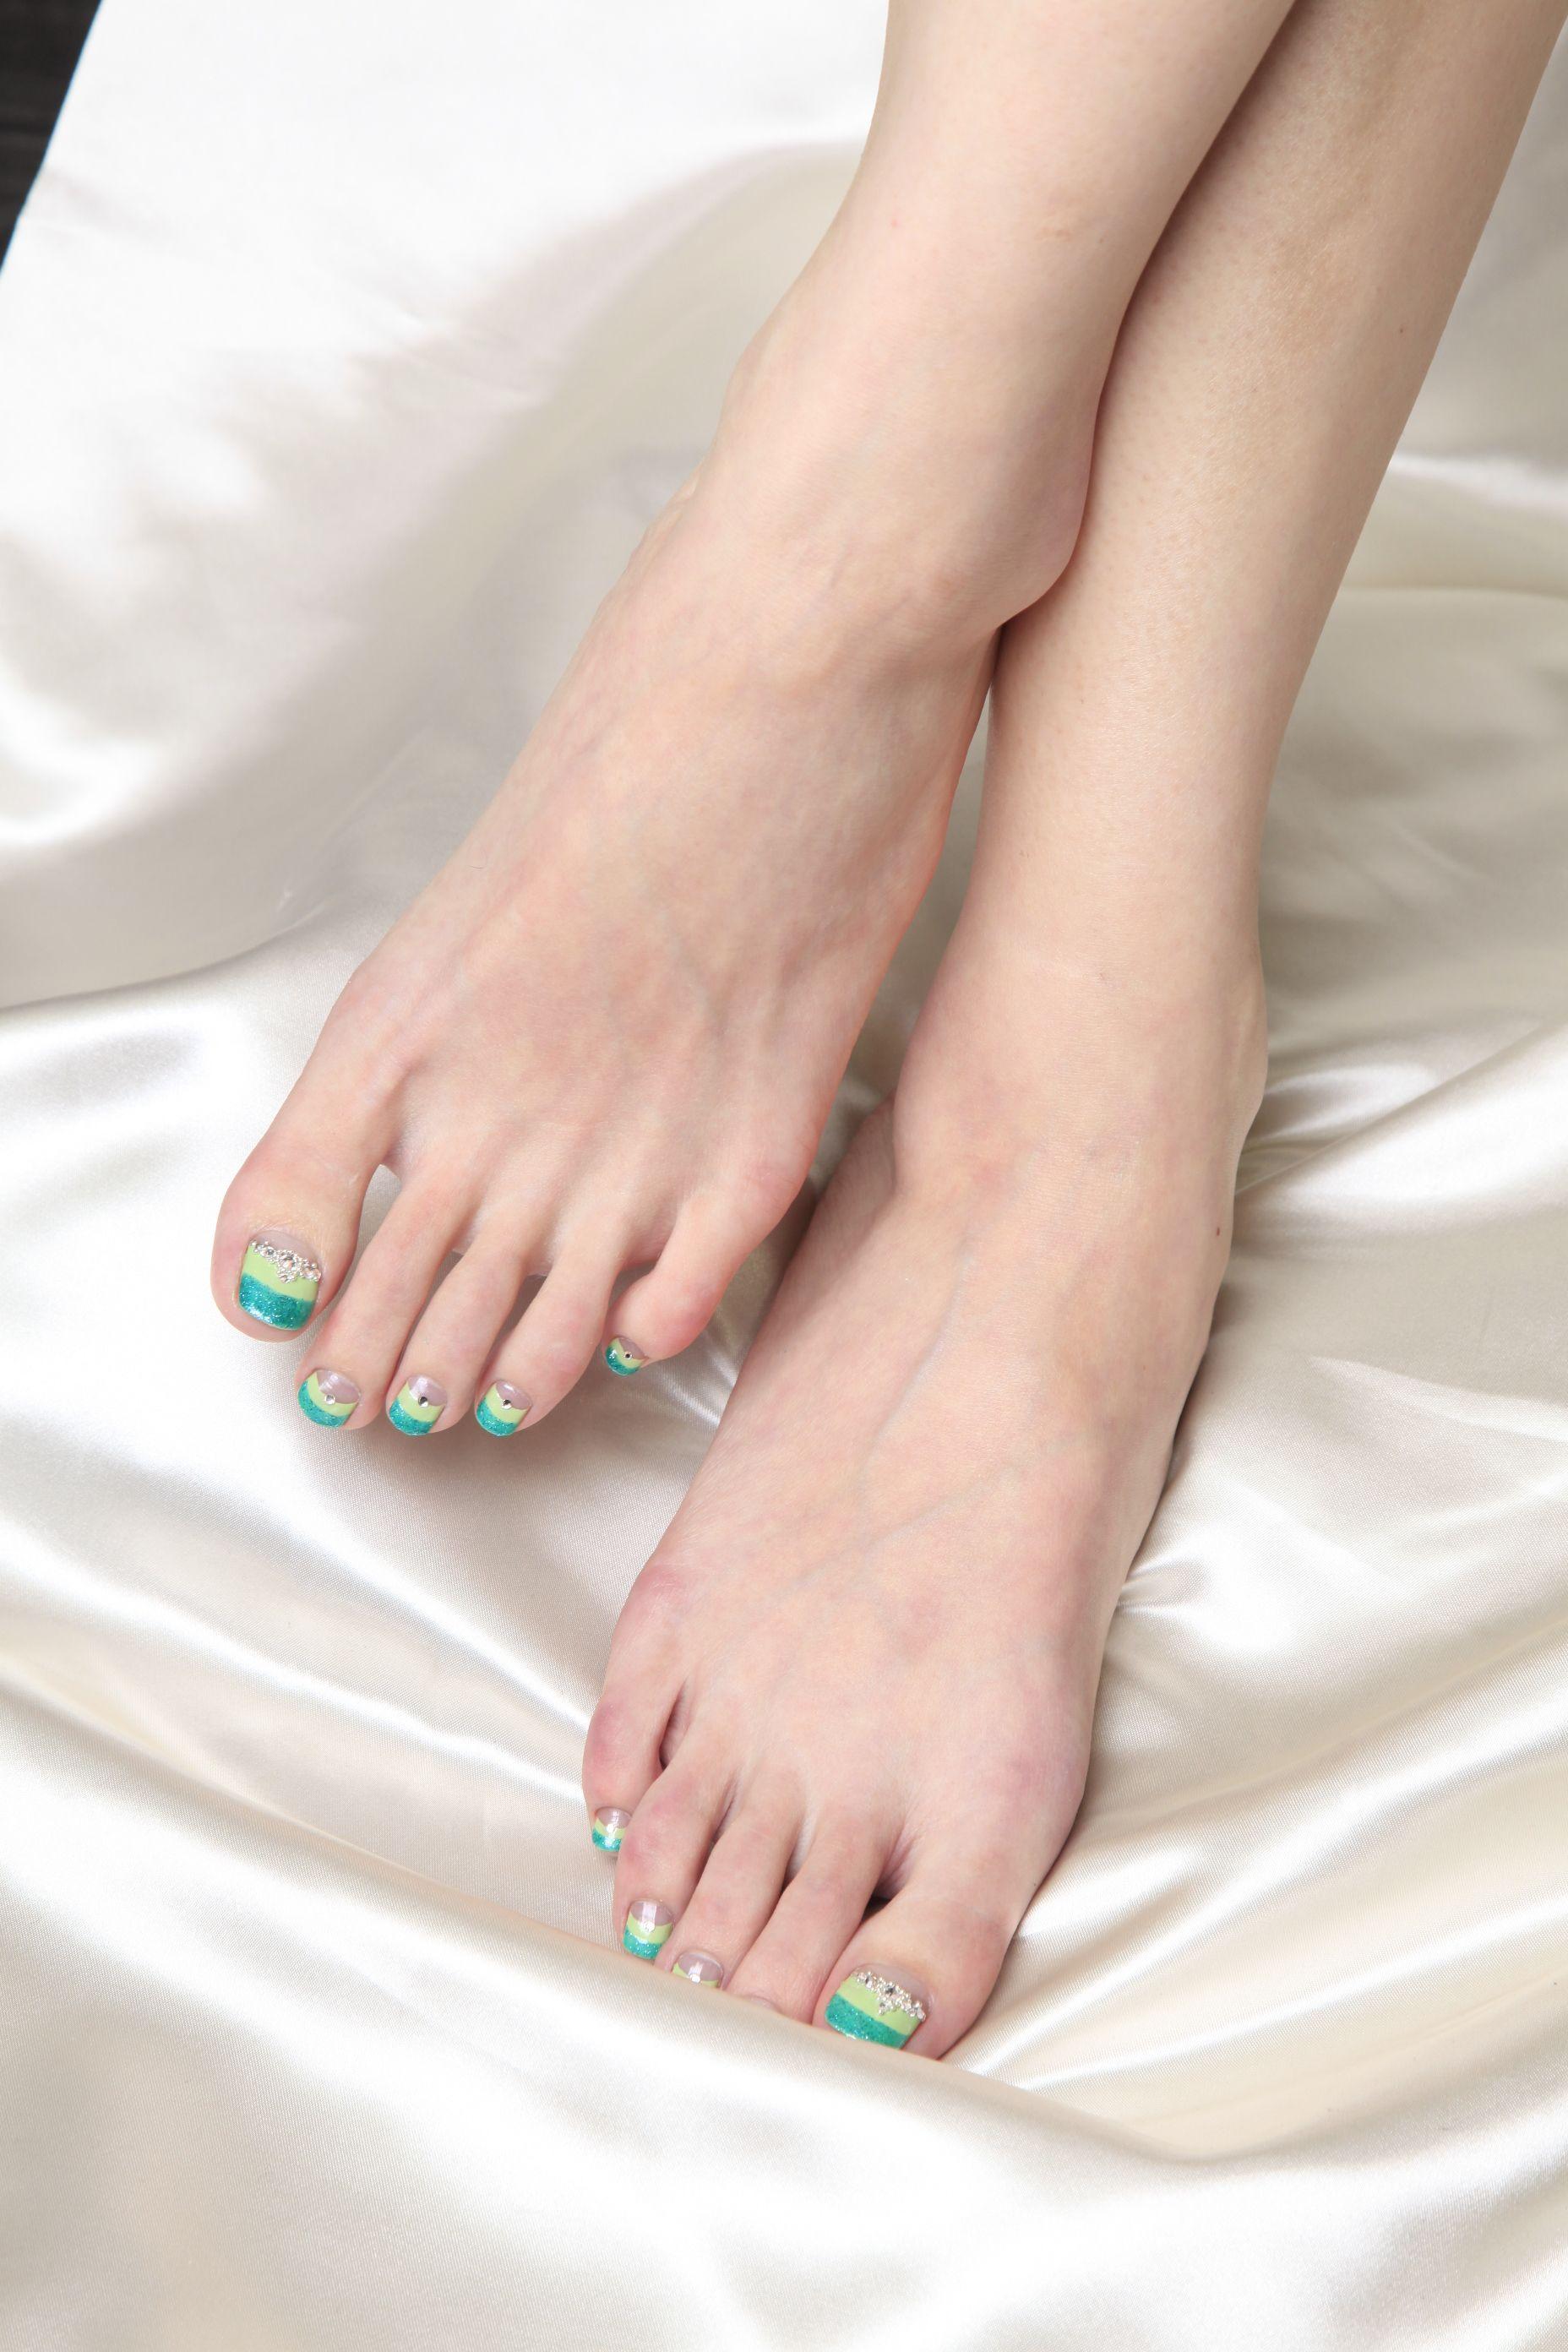 Nail Art For Foot Nails Pinterest Feet Nails